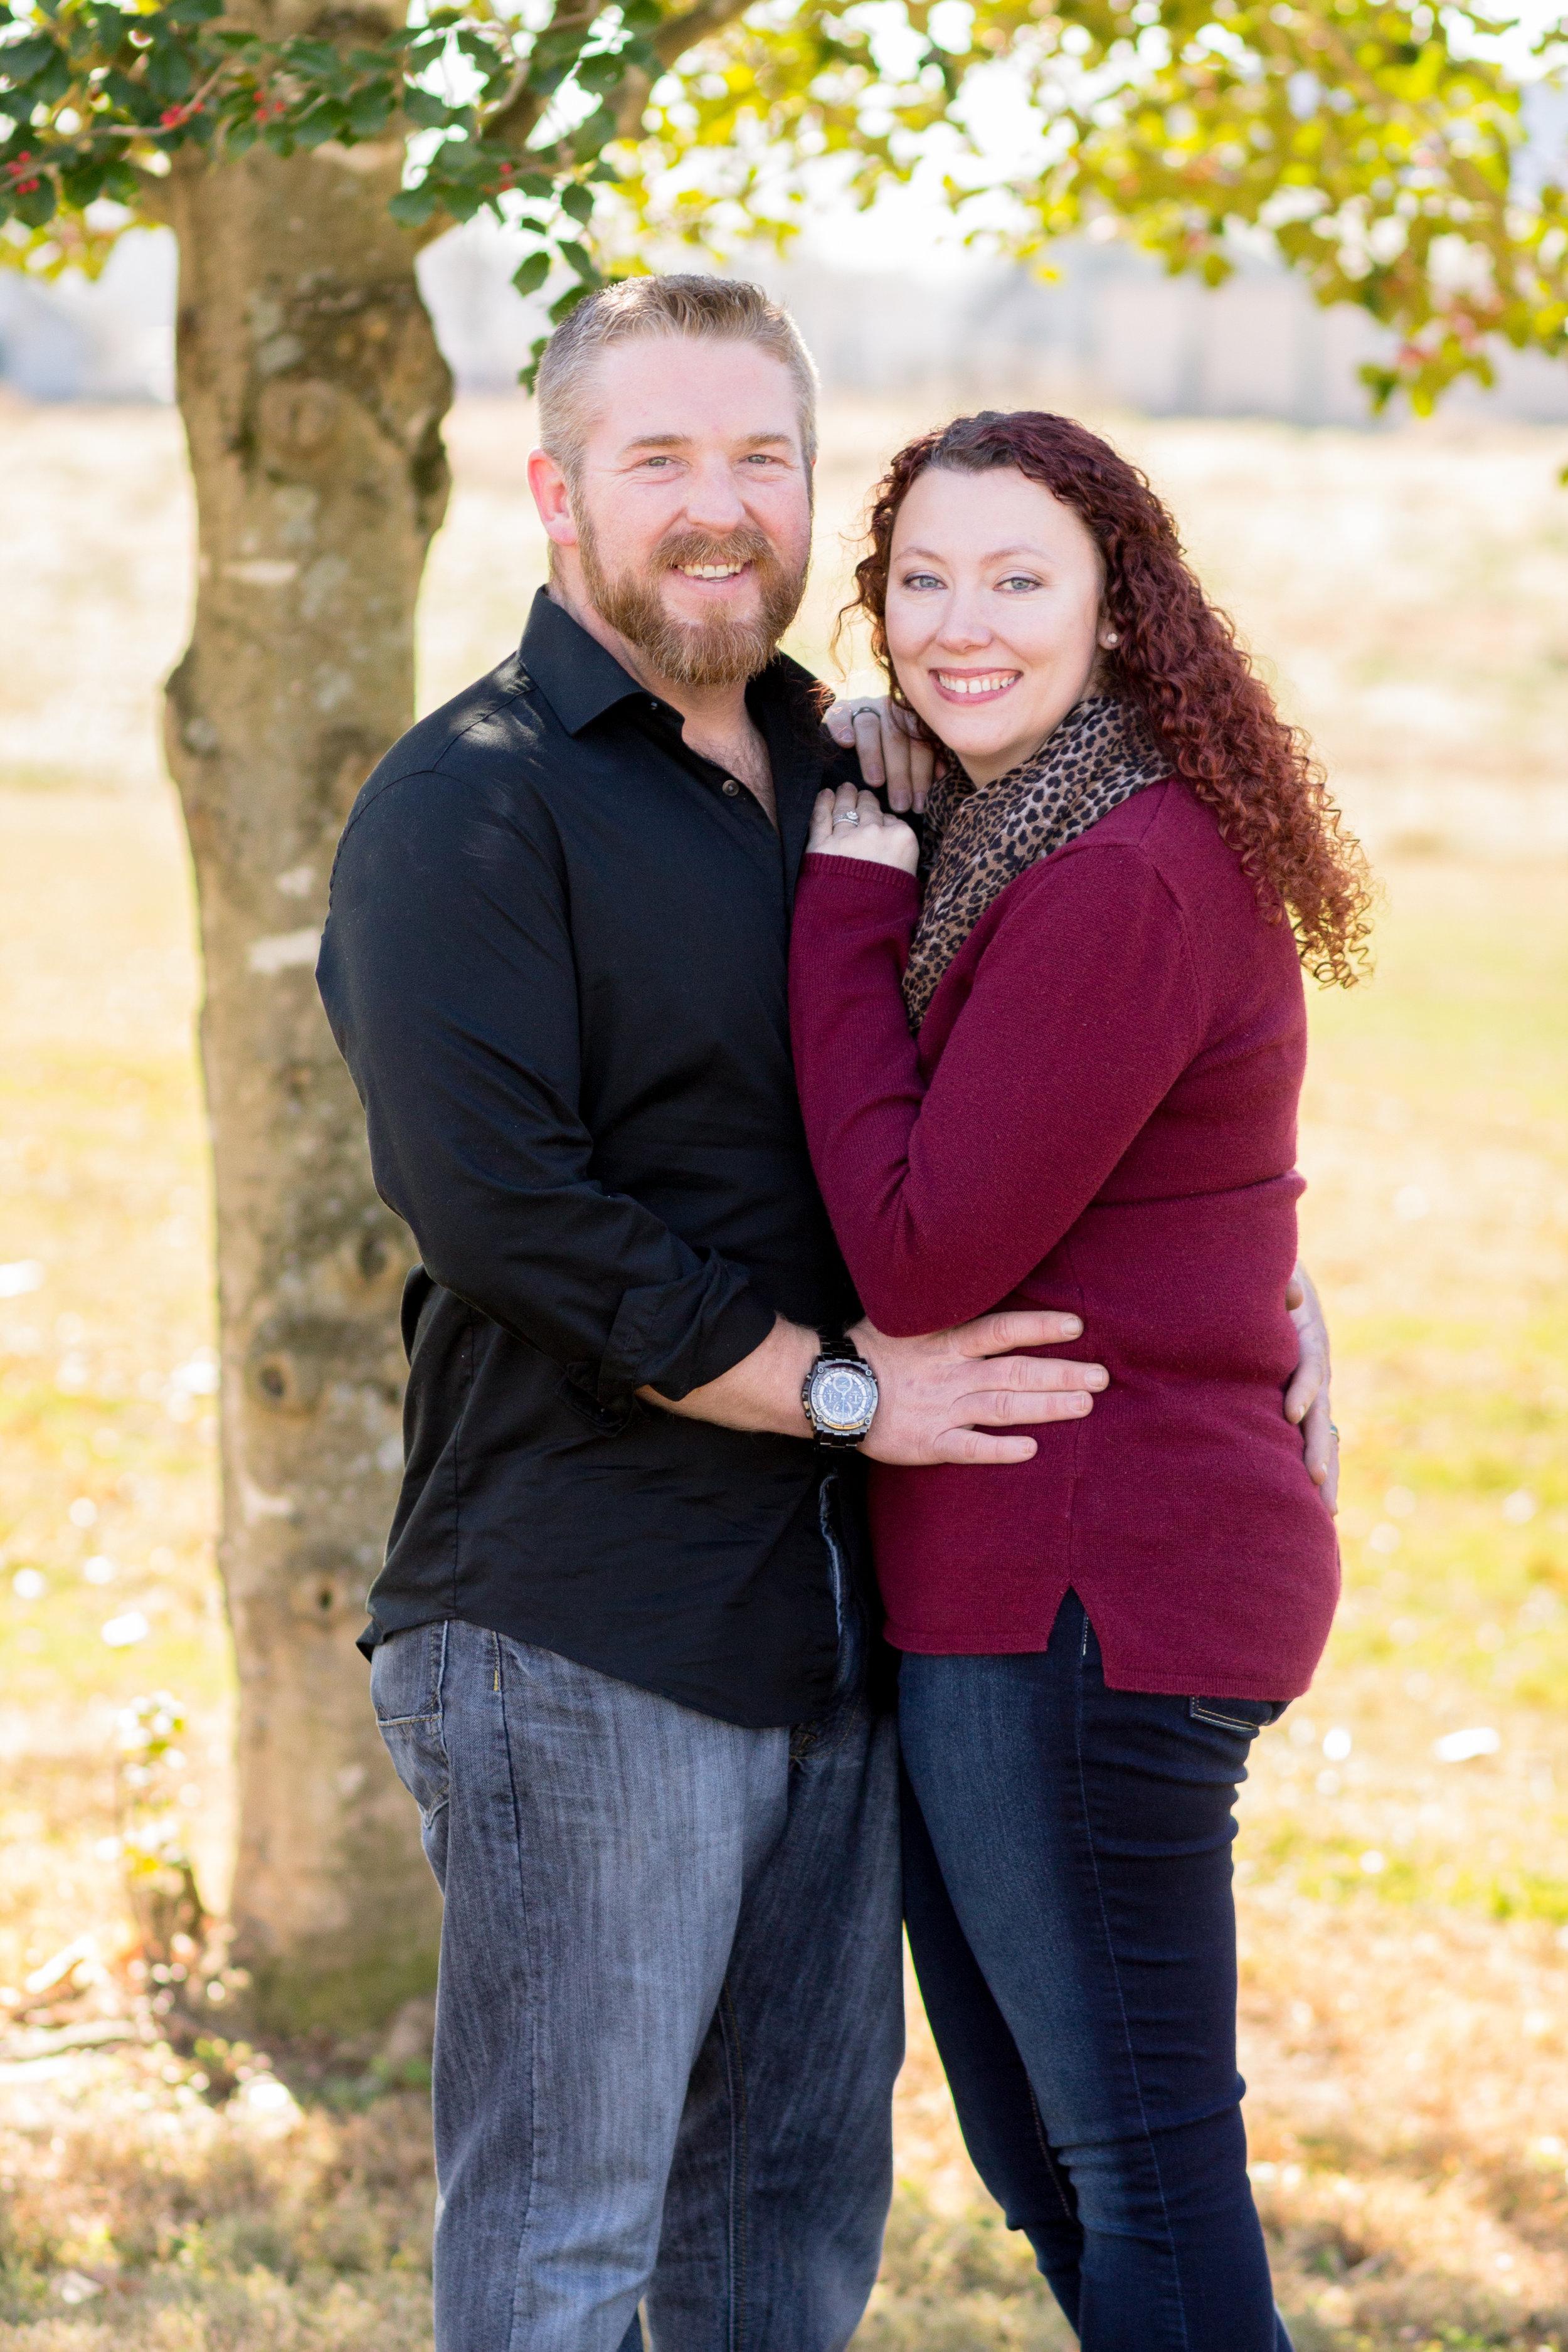 philadelphia-lifestyle-photography-couple-session-lytle-photo-company (7).jpg